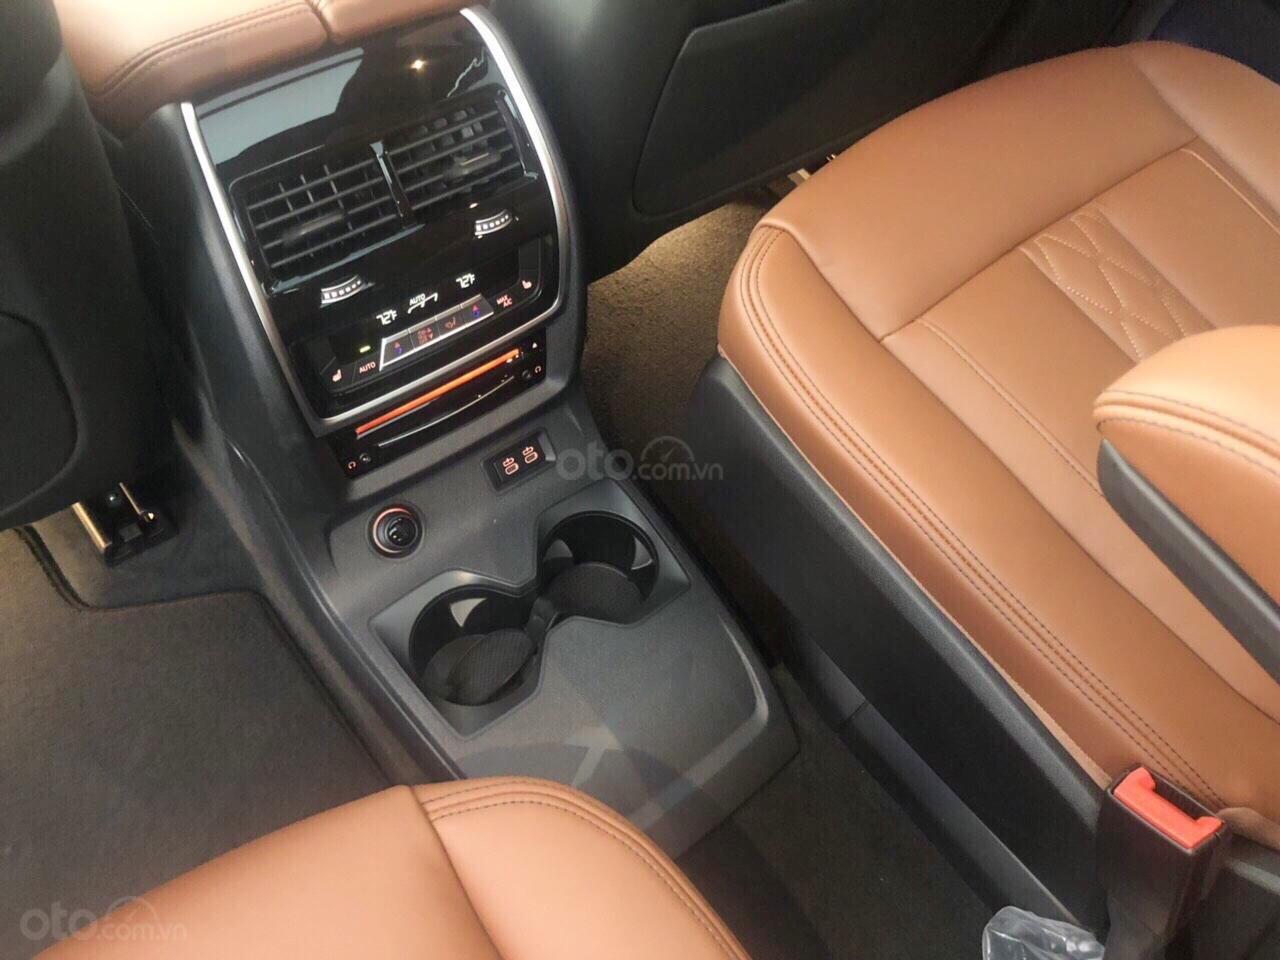 Bán BMW X7-xDrive40i, V6 3.0, sản xuất 2019, bản 6 ghế. Nhập khẩu Mỹ (7)